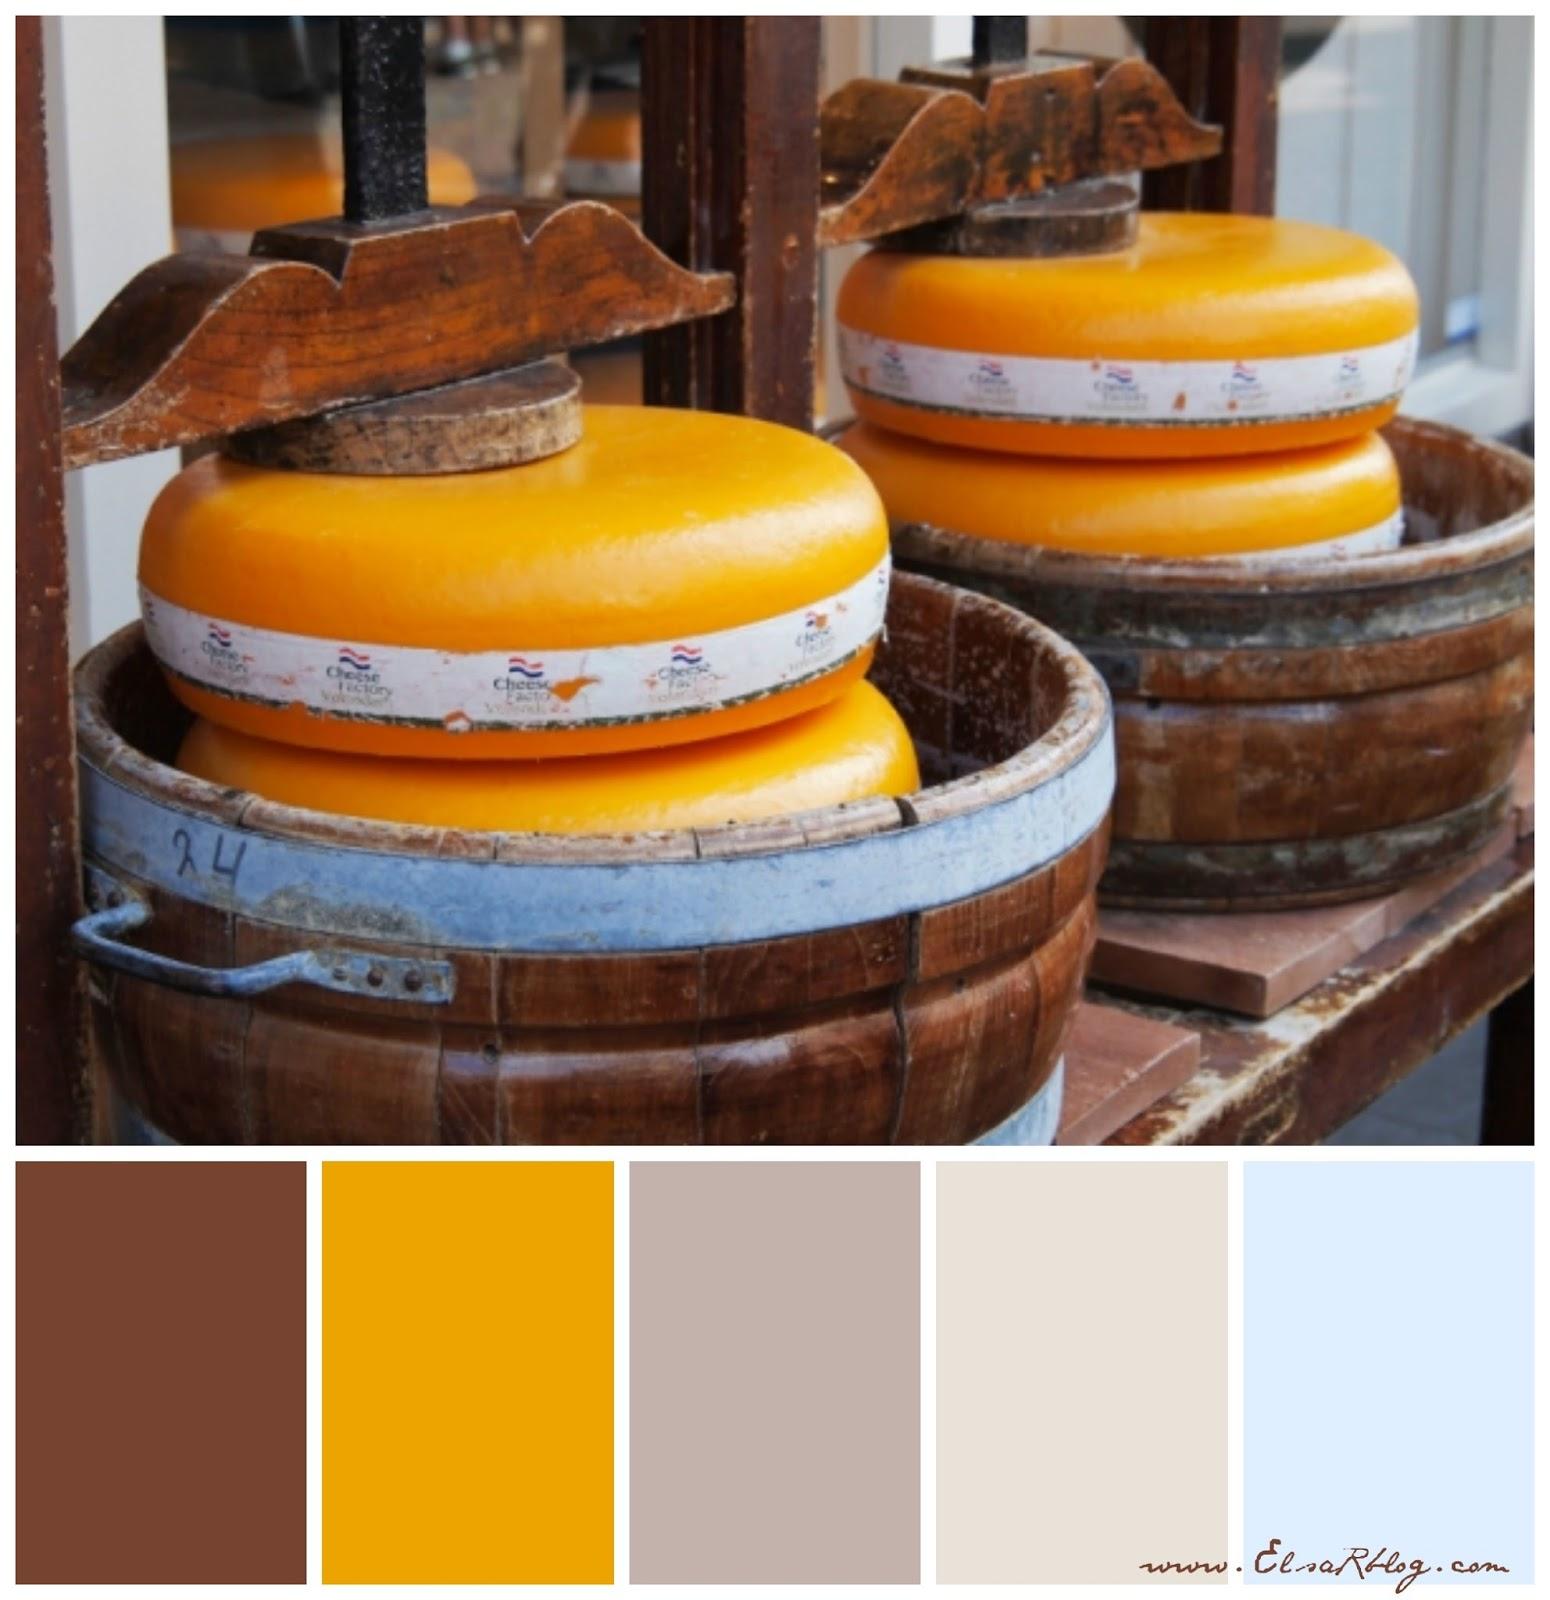 kleurenpalet met mosterdgeel, bruin en zacht blauw